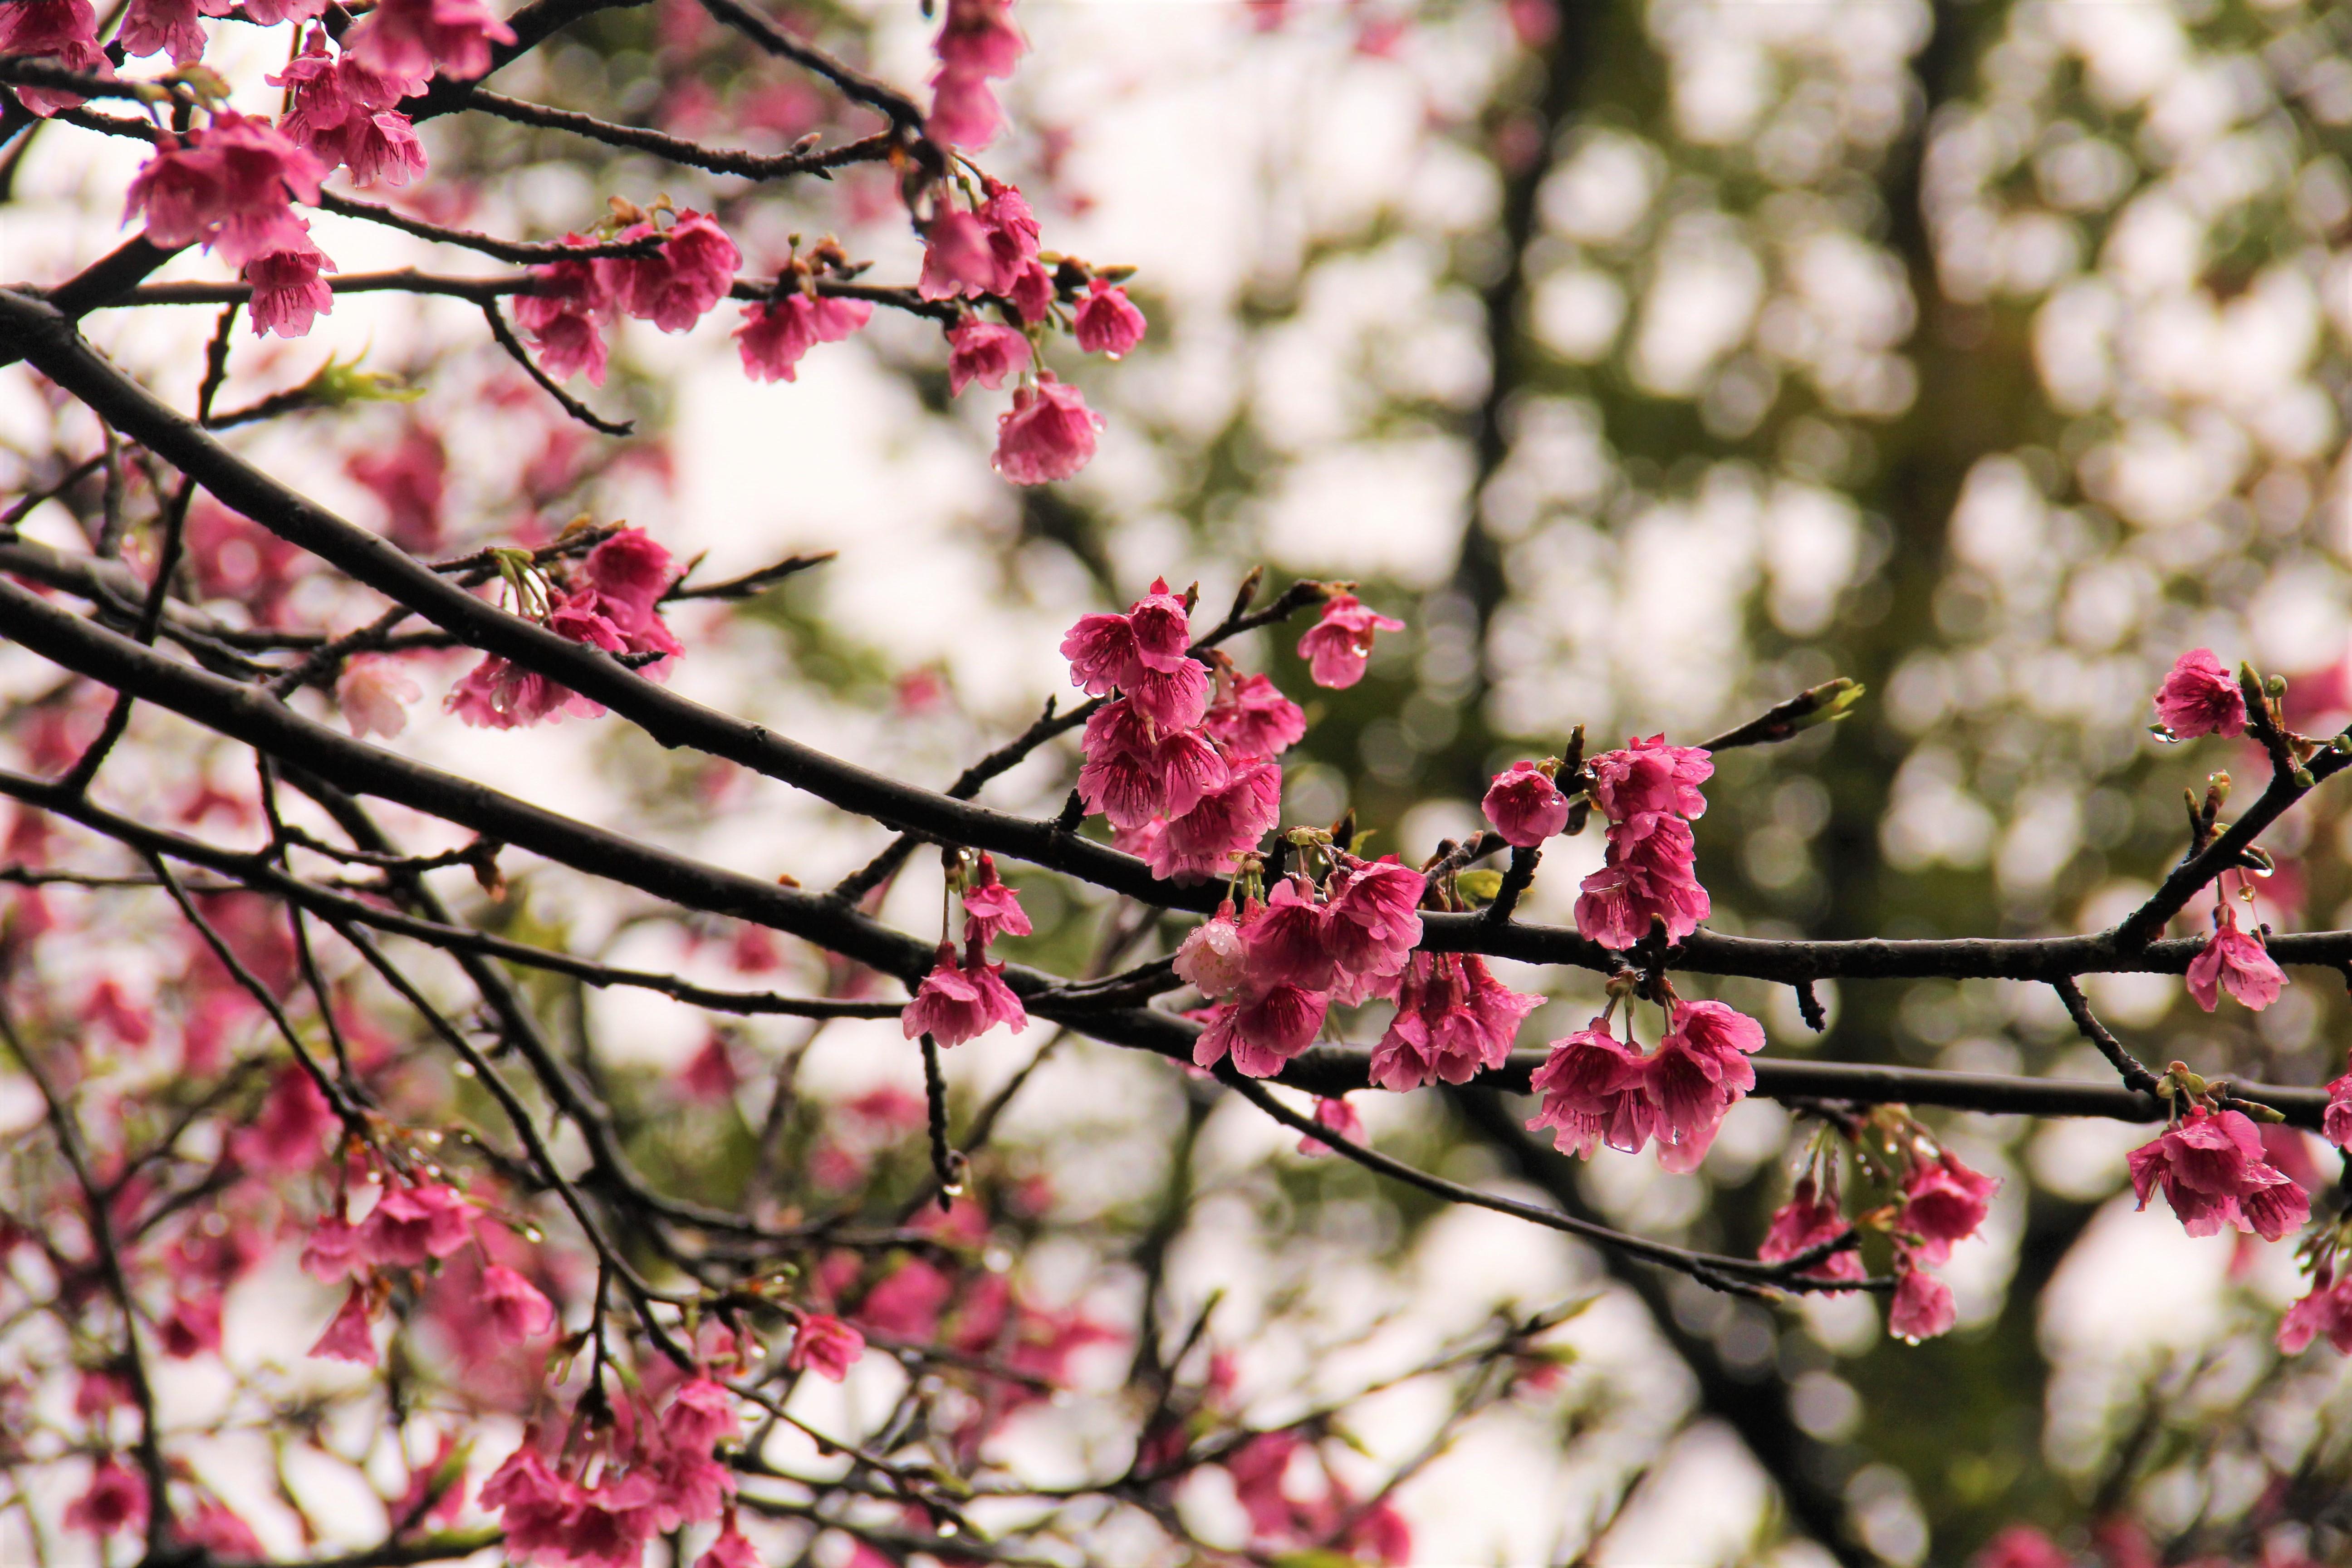 花園新城所種植的櫻花樹枝幹較低垂,與到訪的遊客顯個更加親近。 攝影/蘇媚